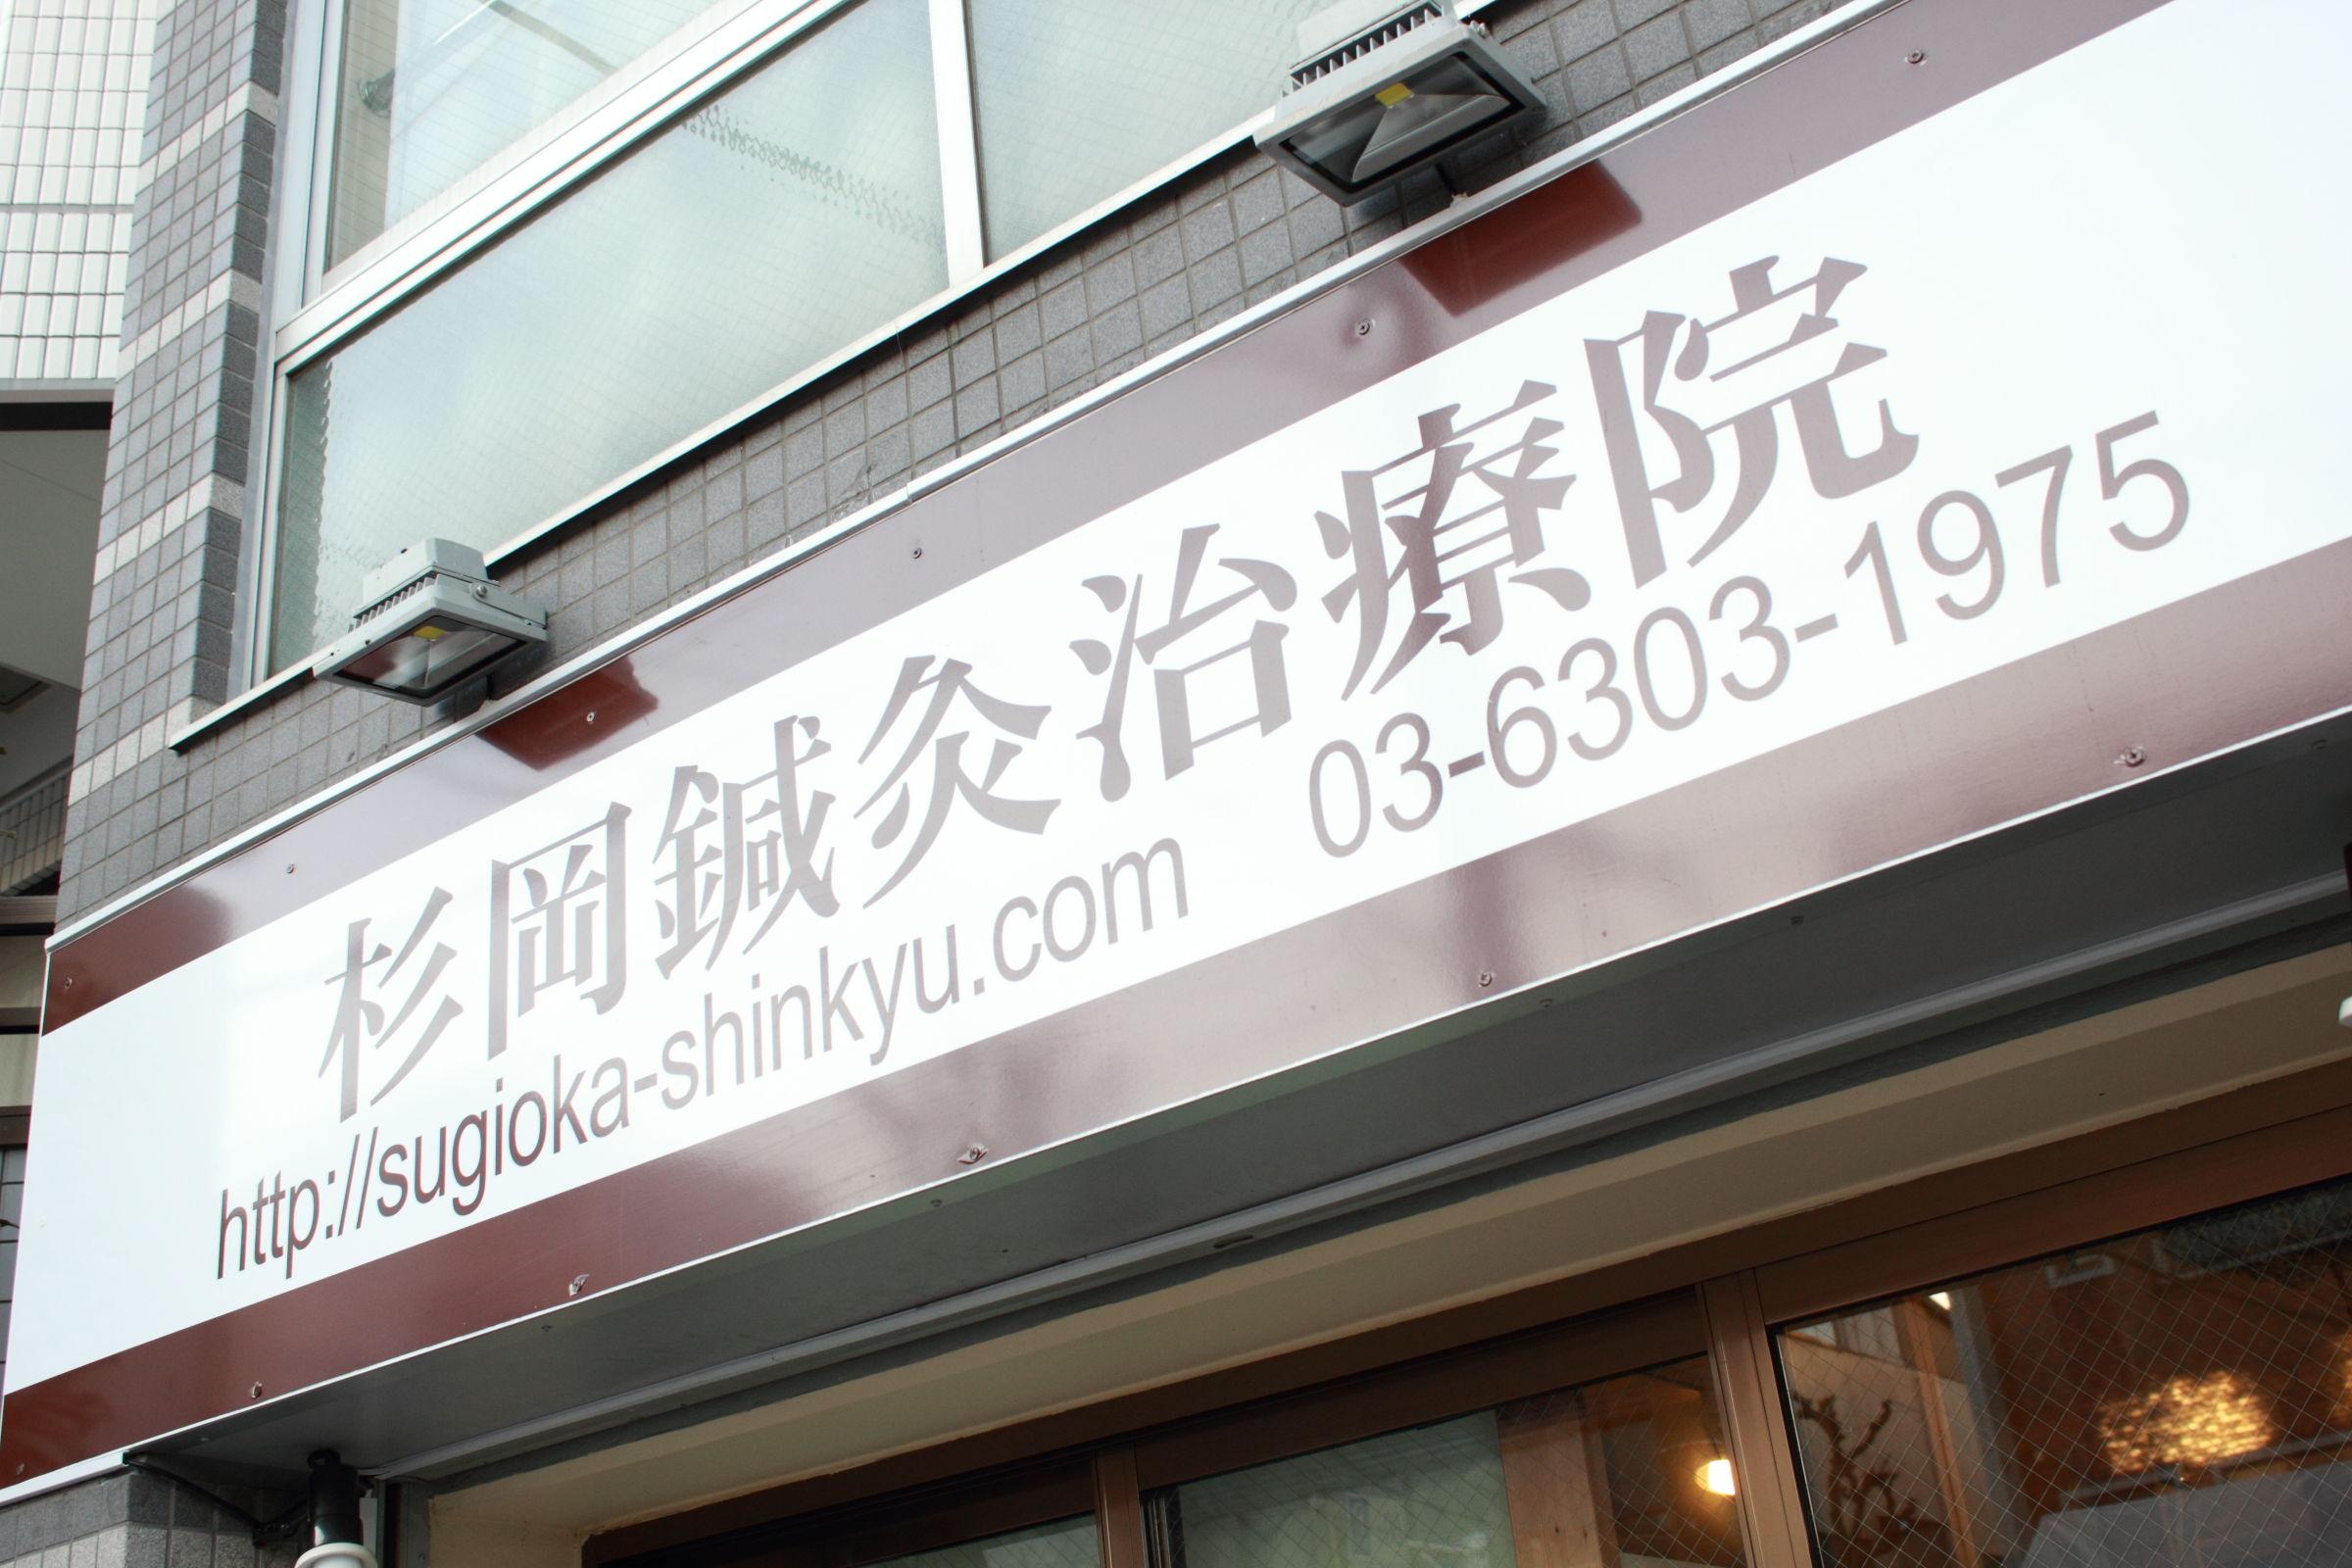 杉岡鍼灸治療院の店内・外観画像3